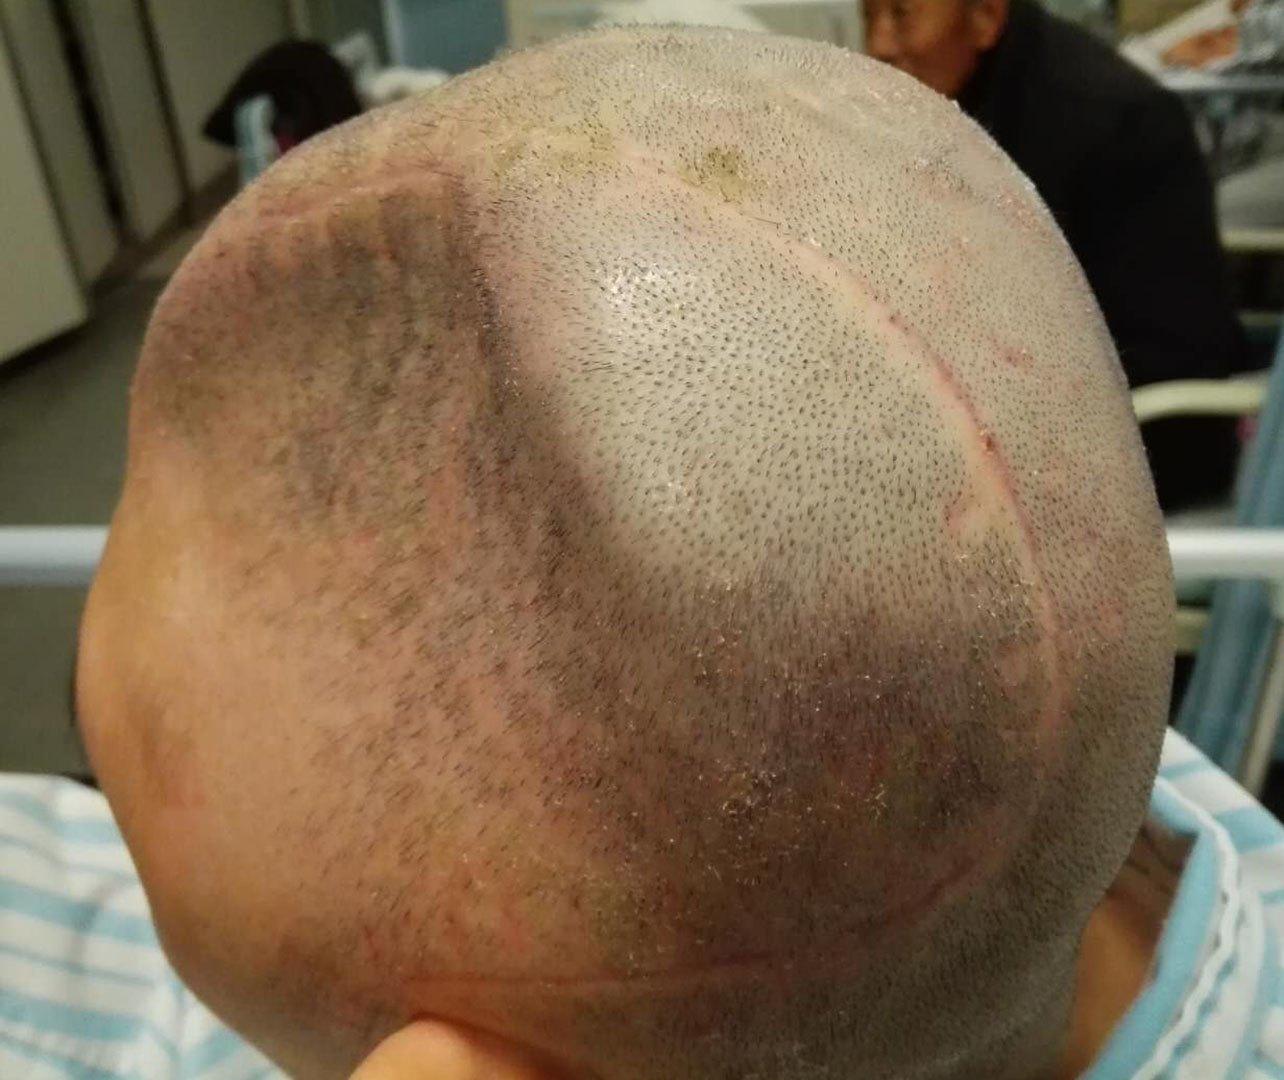 开颅手术过程图片